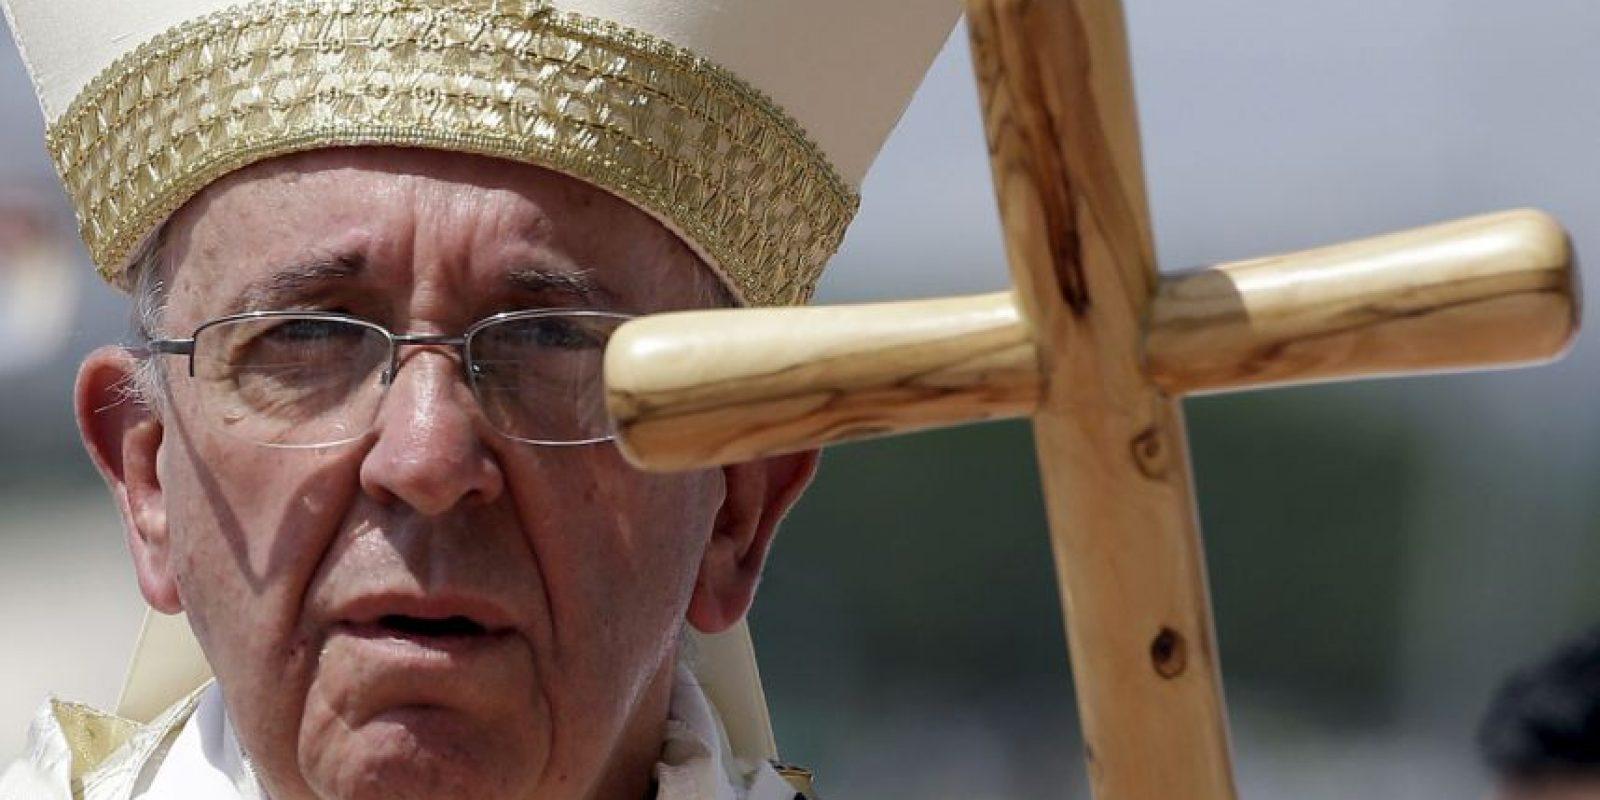 El papa tuvo un rol importante en el deshielo de las relaciones diplomáticas entre Cuba y Estados Unidos. Foto:AP